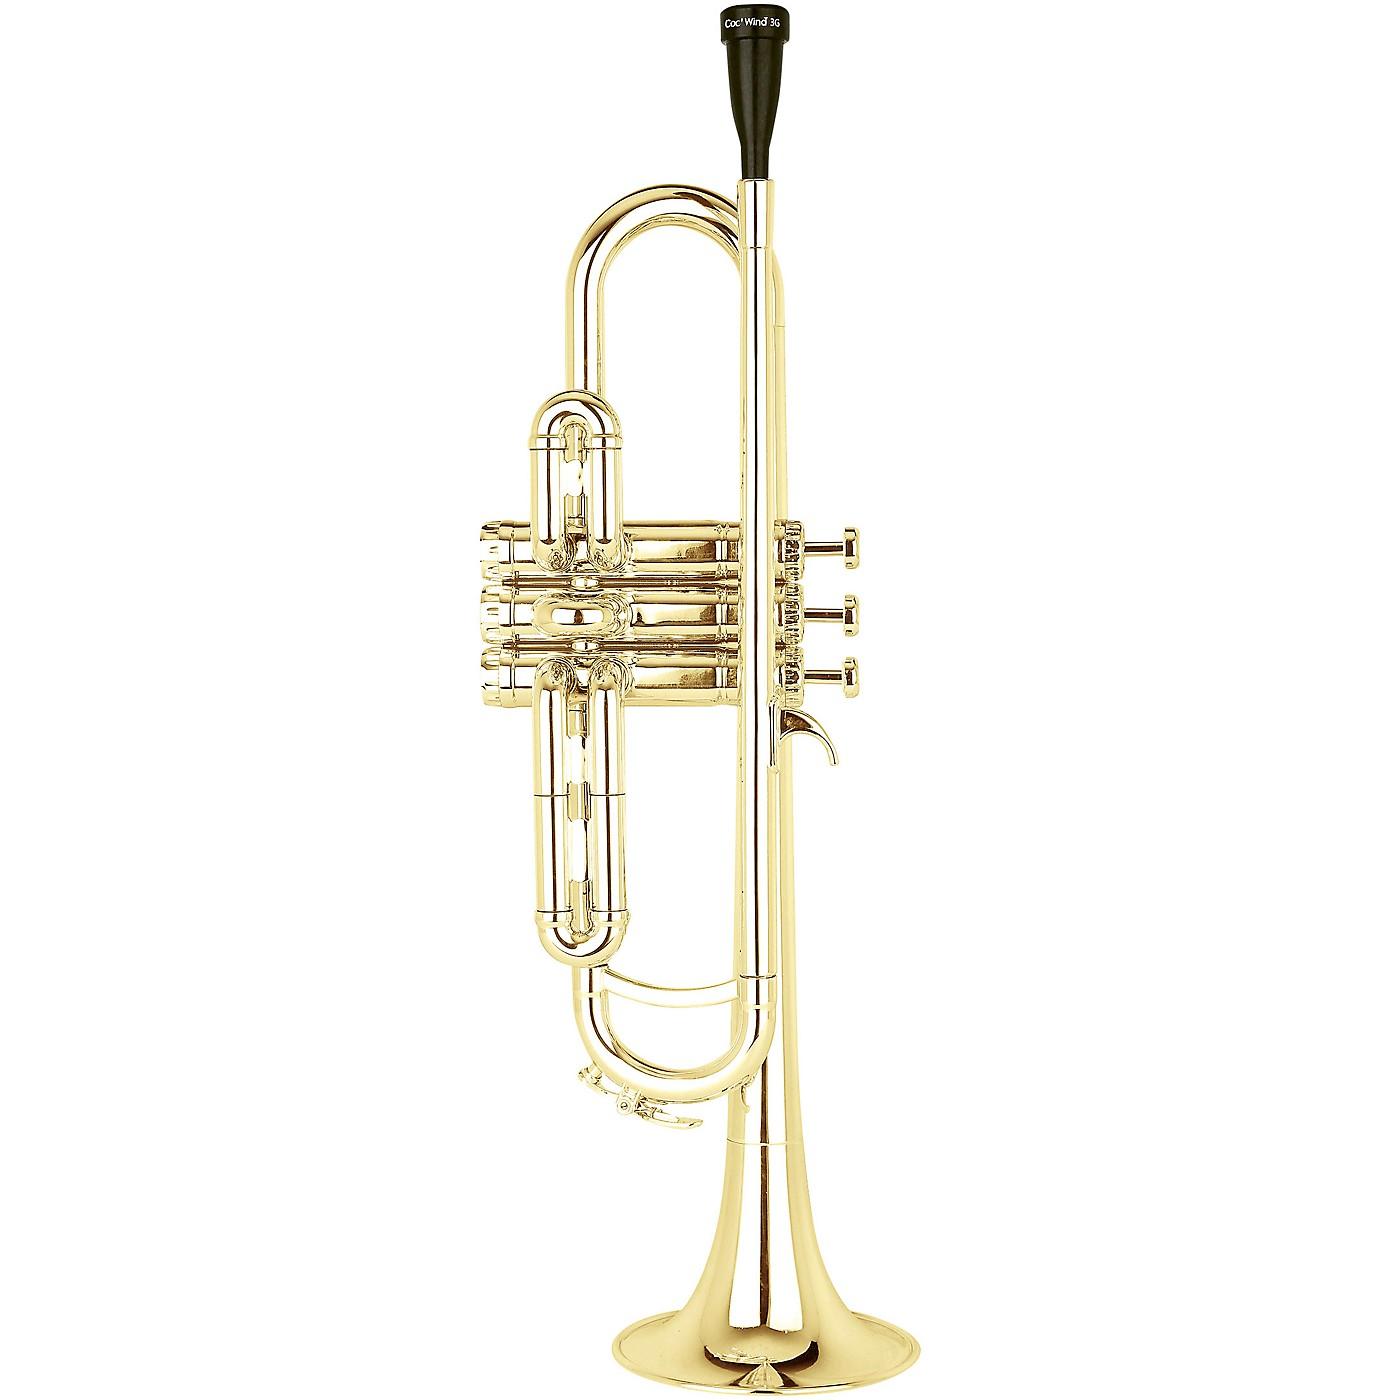 Cool Wind CTR-200 Metallic Series Plastic Bb Trumpet thumbnail